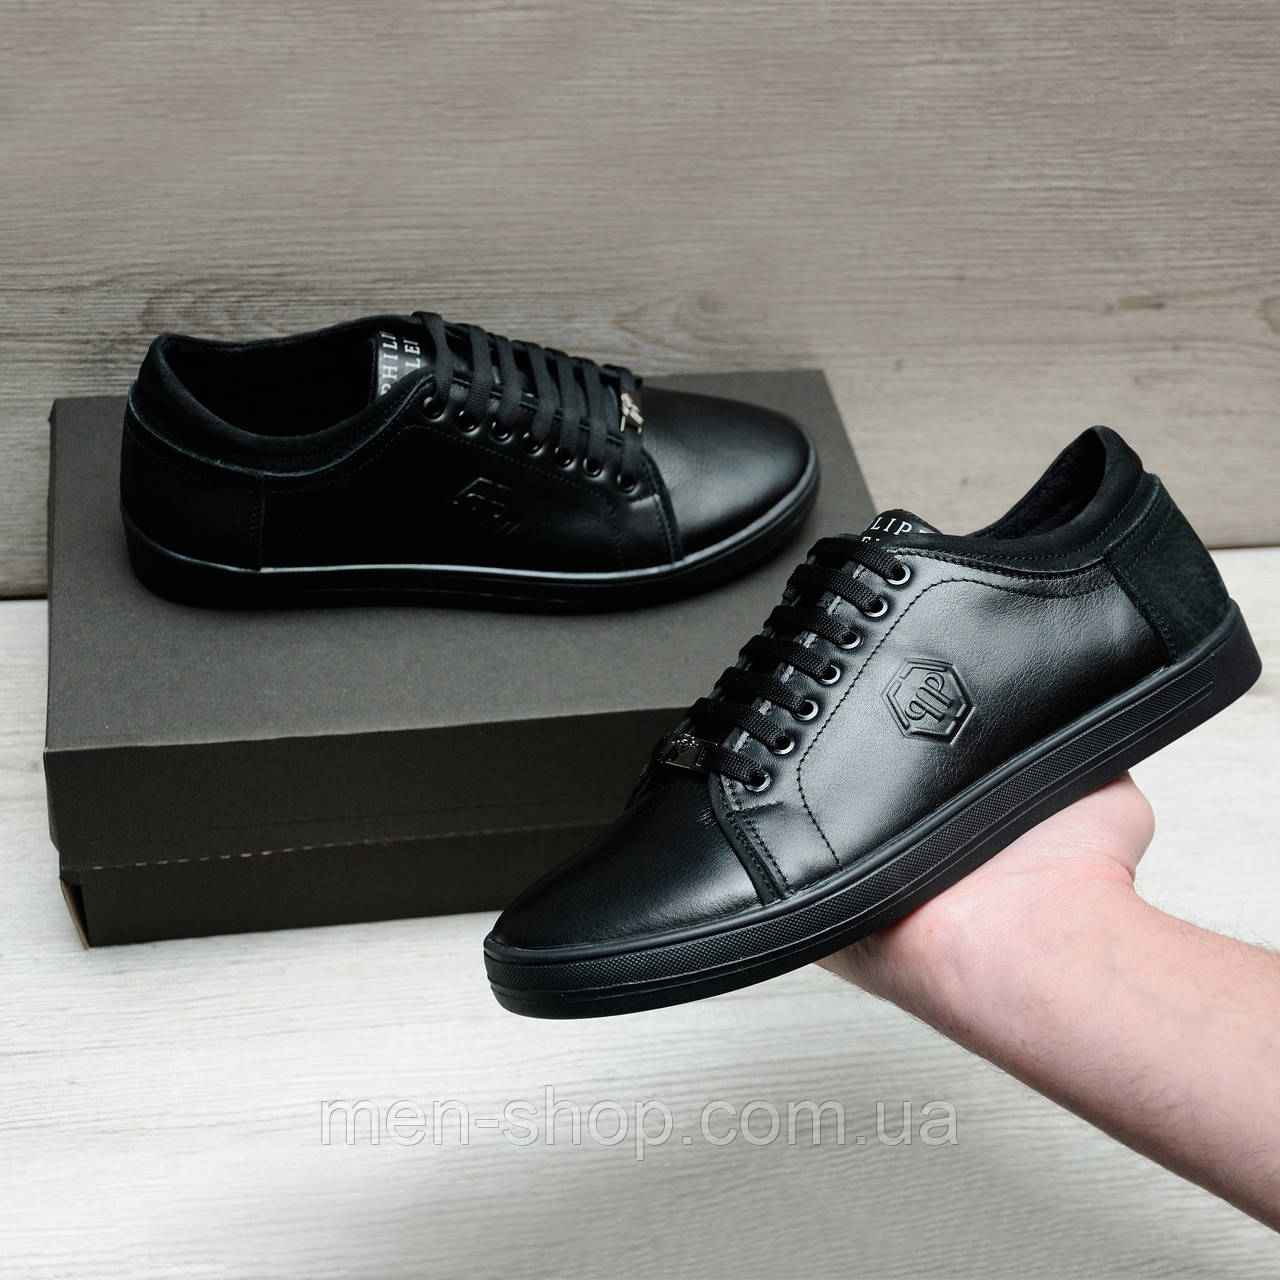 Мужская кожаная обувь на весну в стиле Philipp Plein